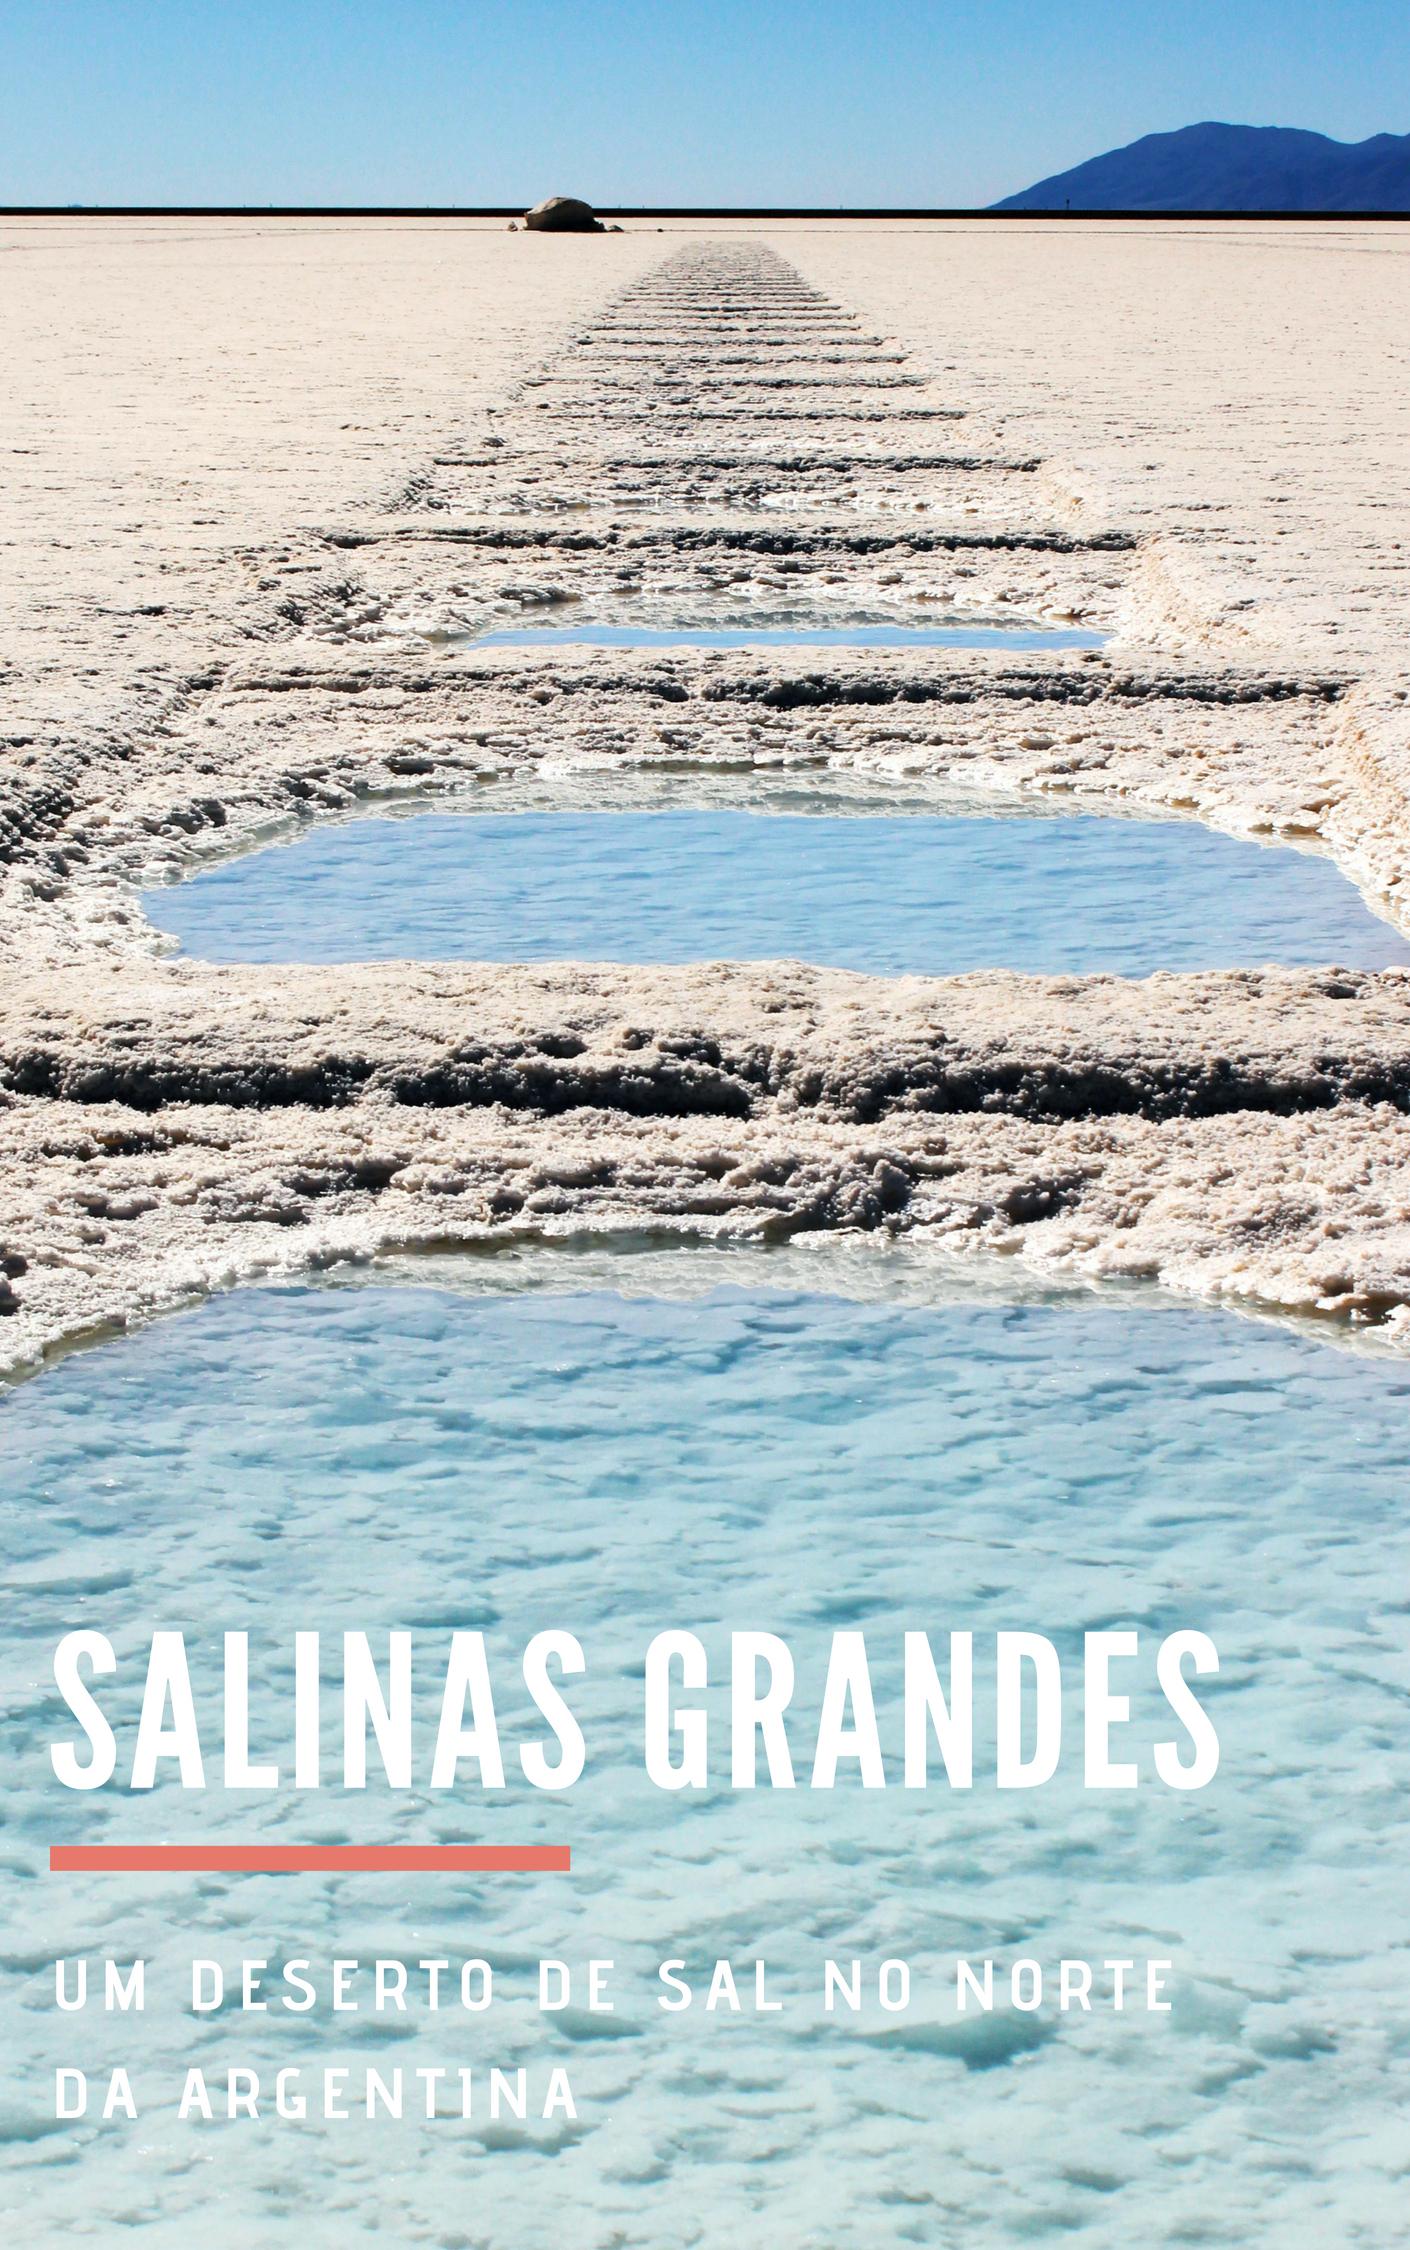 Salinas Grandes, no norte da Argentina_ como chegar e quanto custa